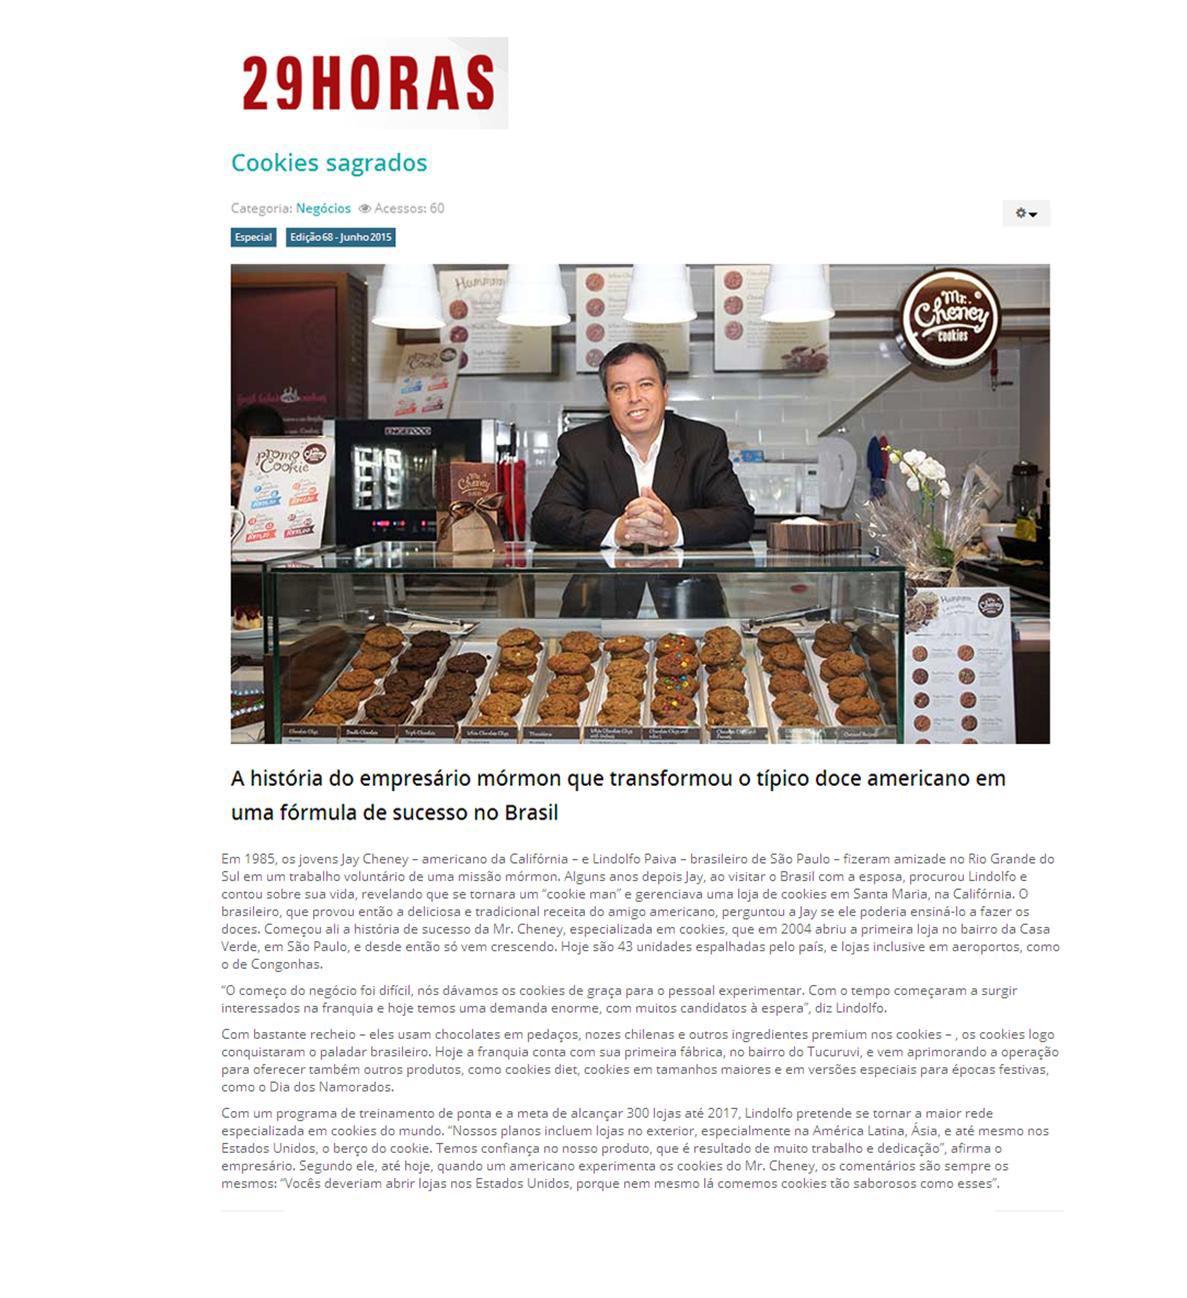 Revista 29 Horas 06/2015